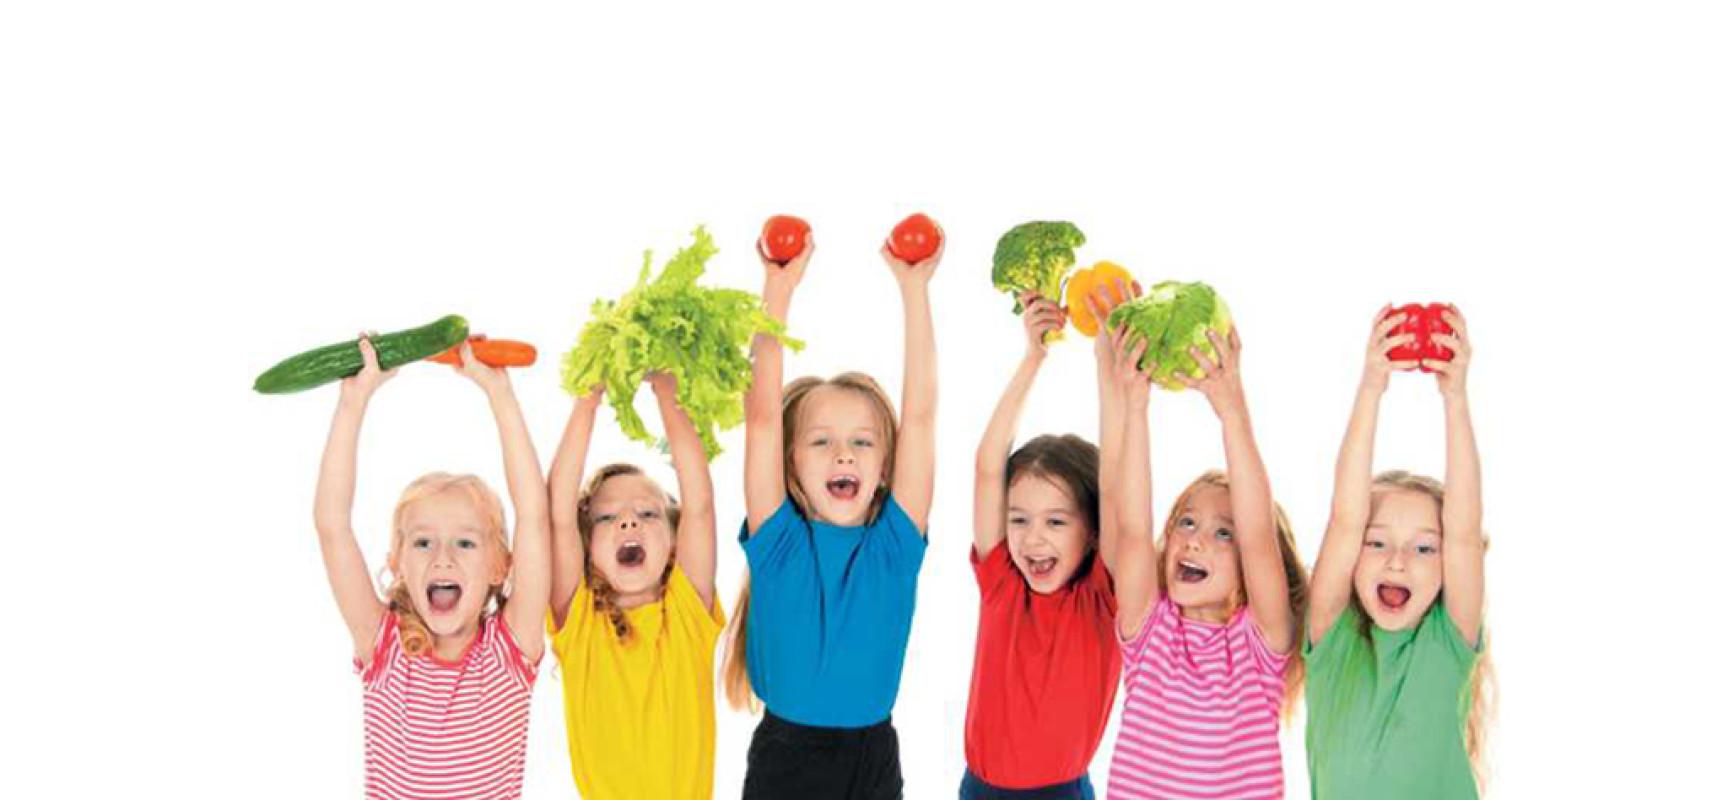 Детское вегитарианство: все «за» и «против»